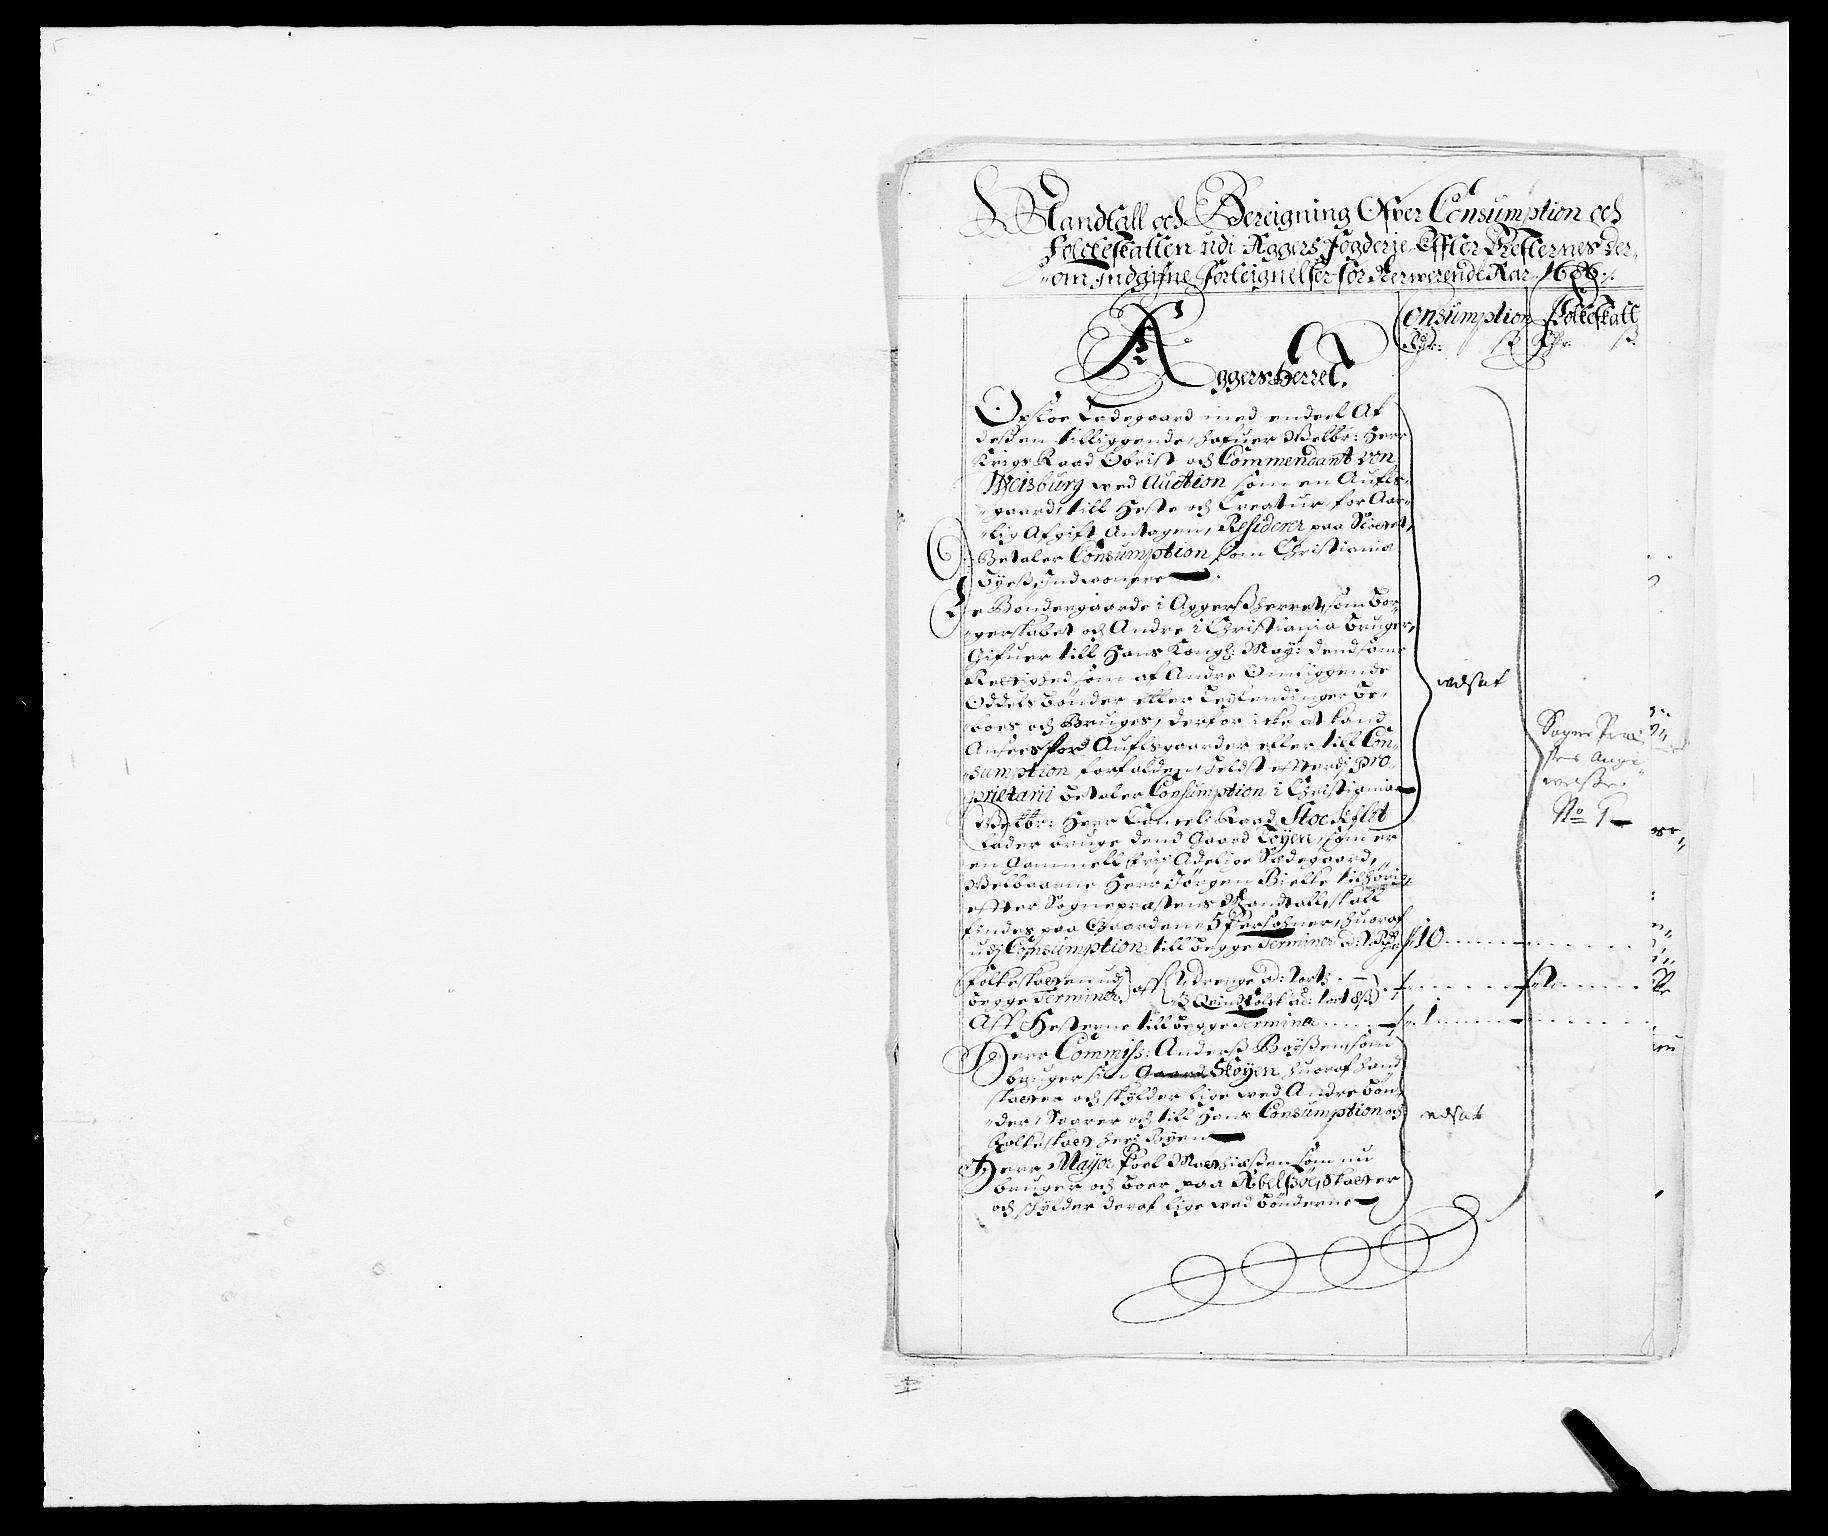 RA, Rentekammeret inntil 1814, Reviderte regnskaper, Fogderegnskap, R08/L0422: Fogderegnskap Aker, 1684-1686, s. 97